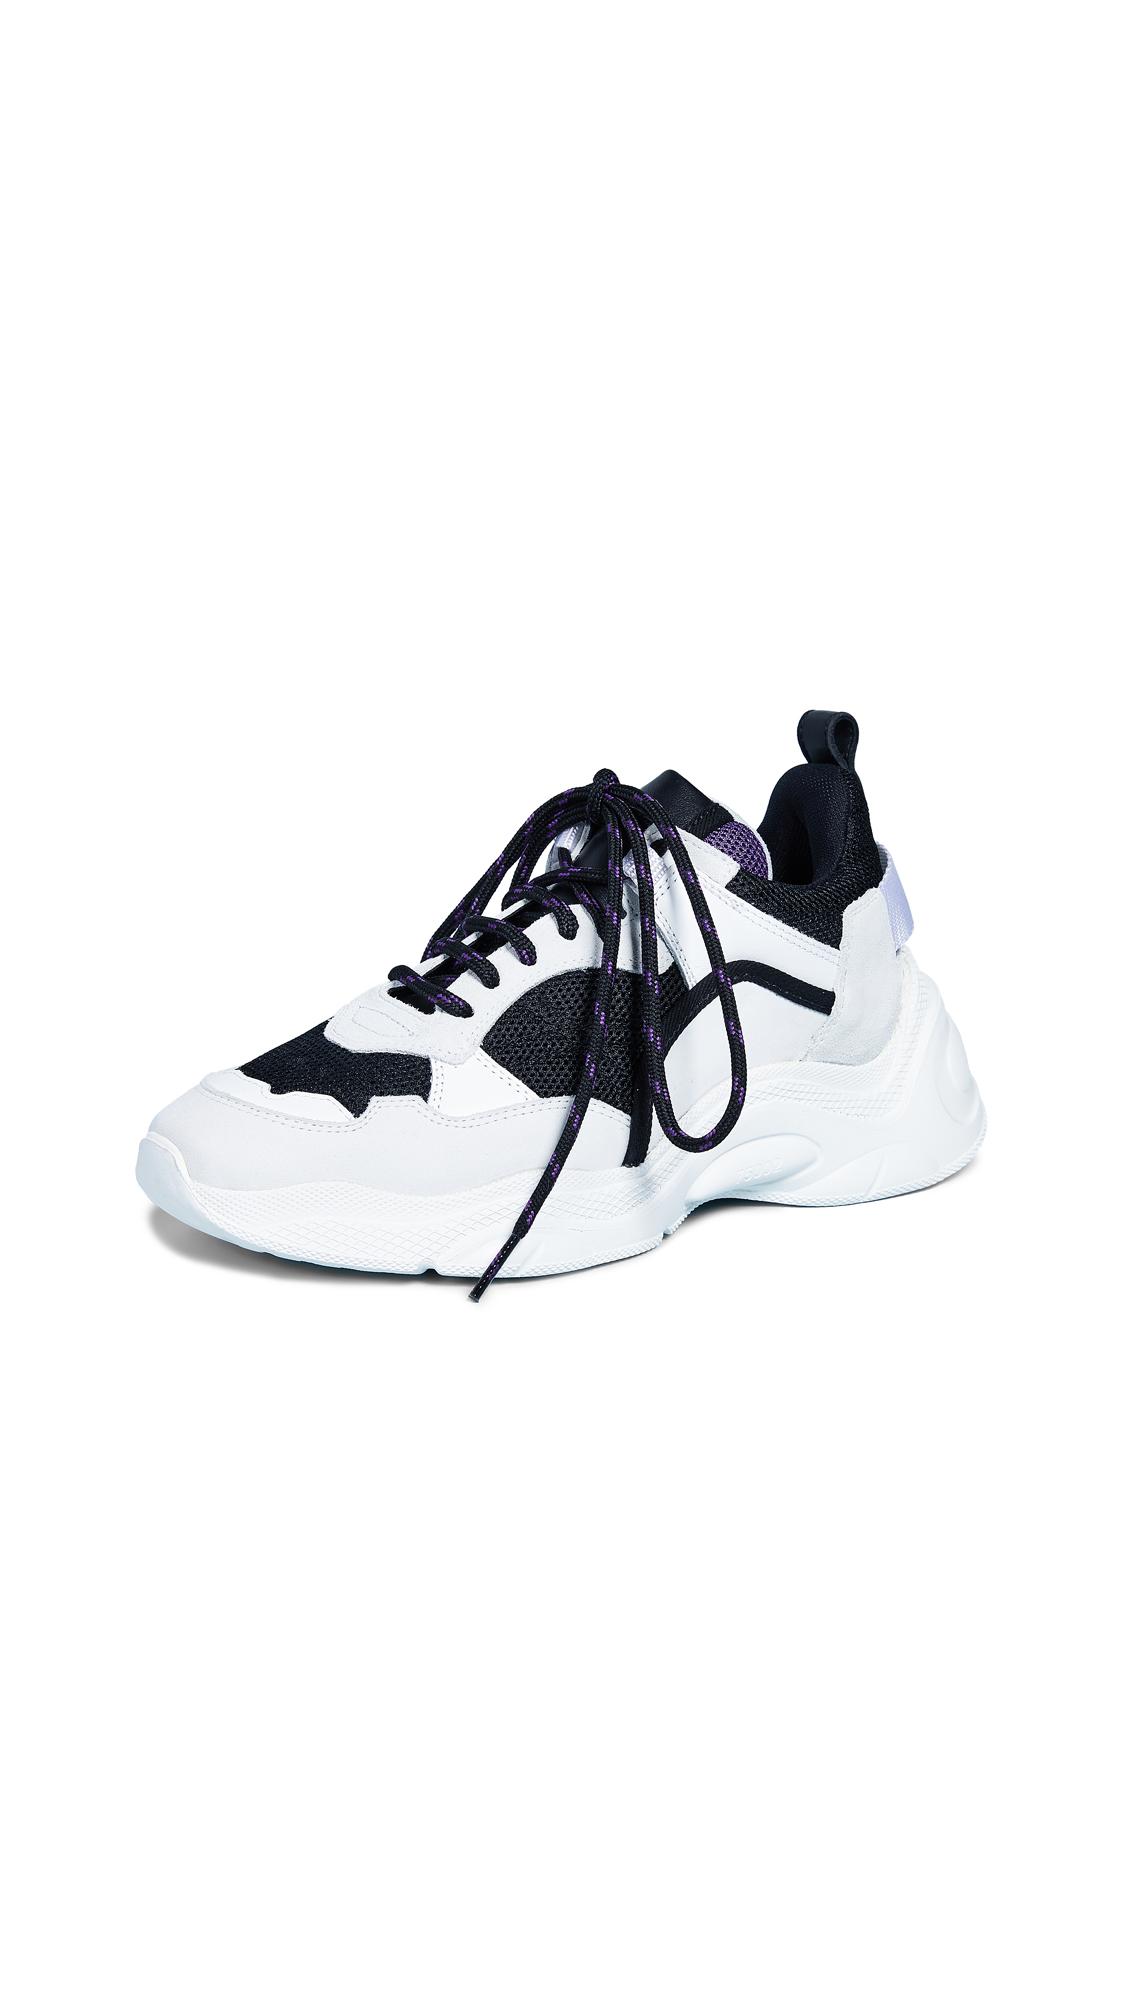 IRO Curverunner Sneakers In White/Purple